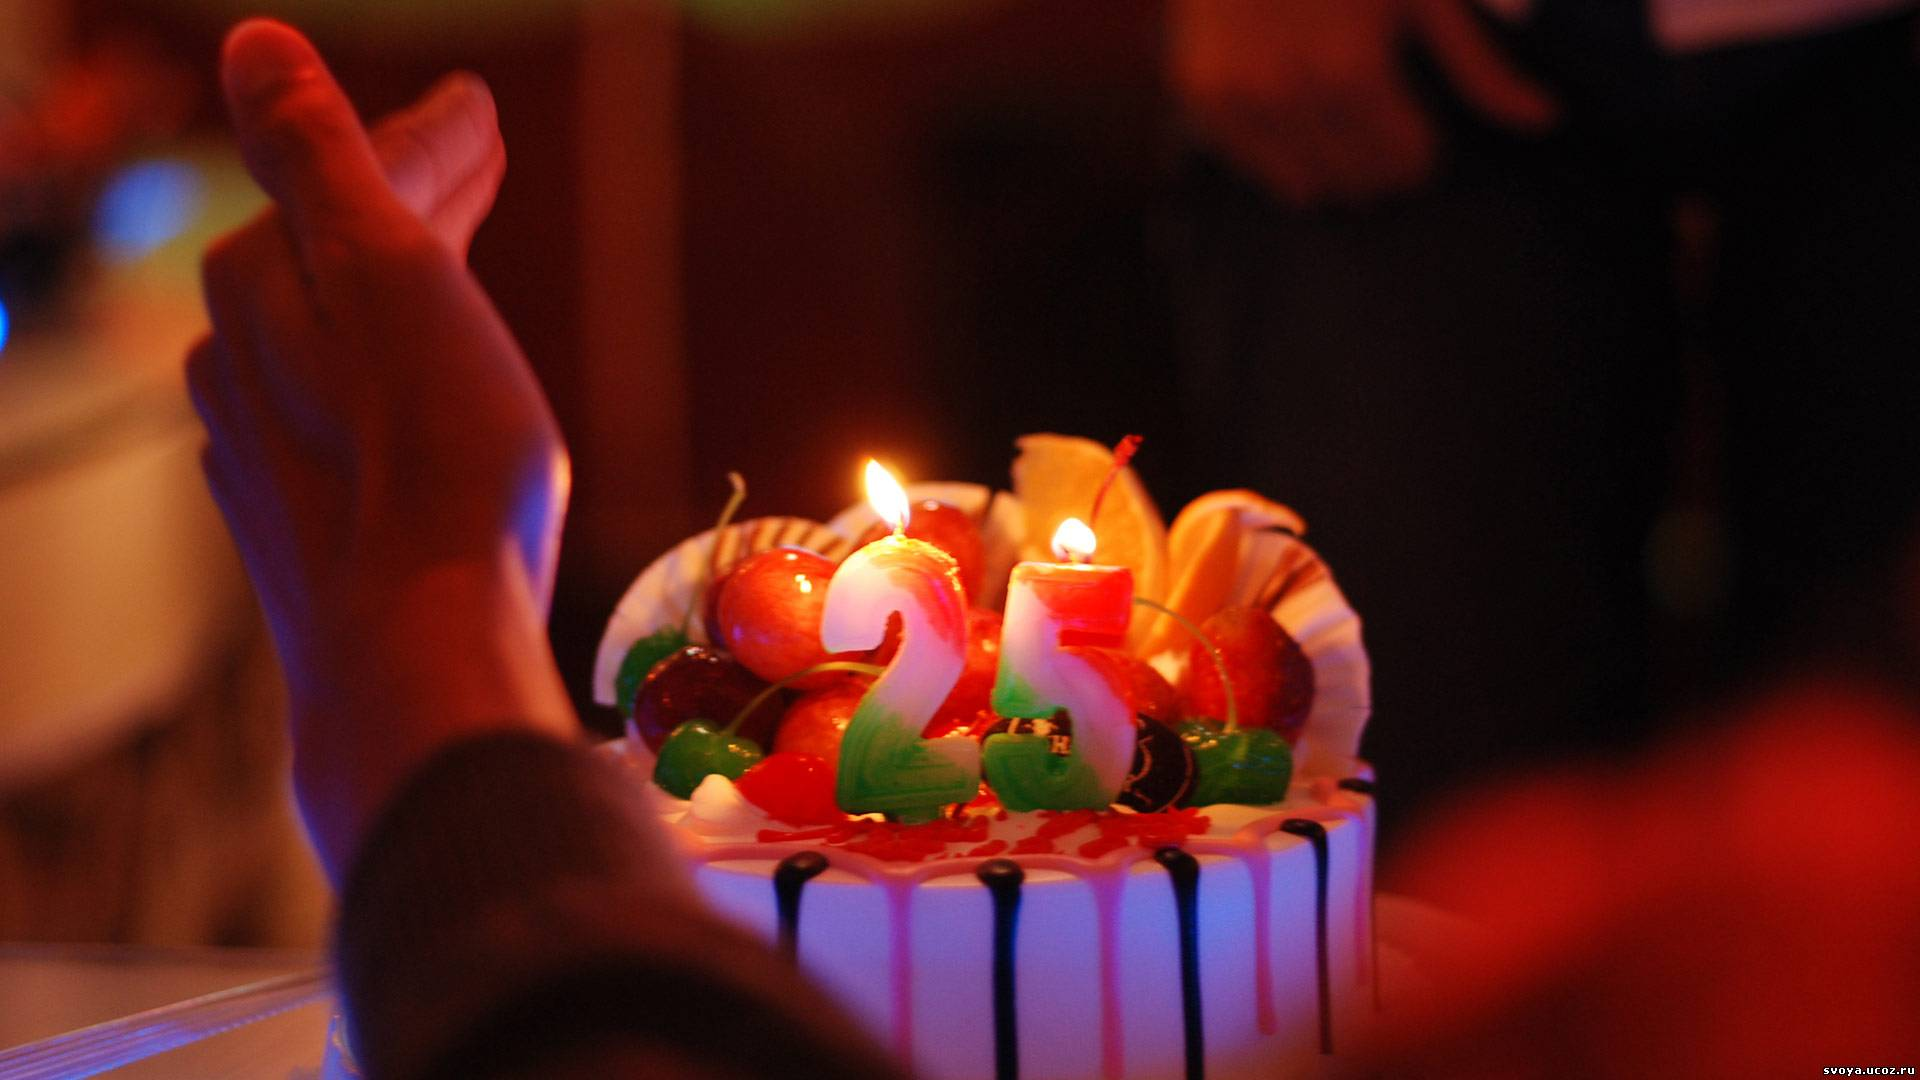 Красивые картинки с днем рождения Ирина (25 фото